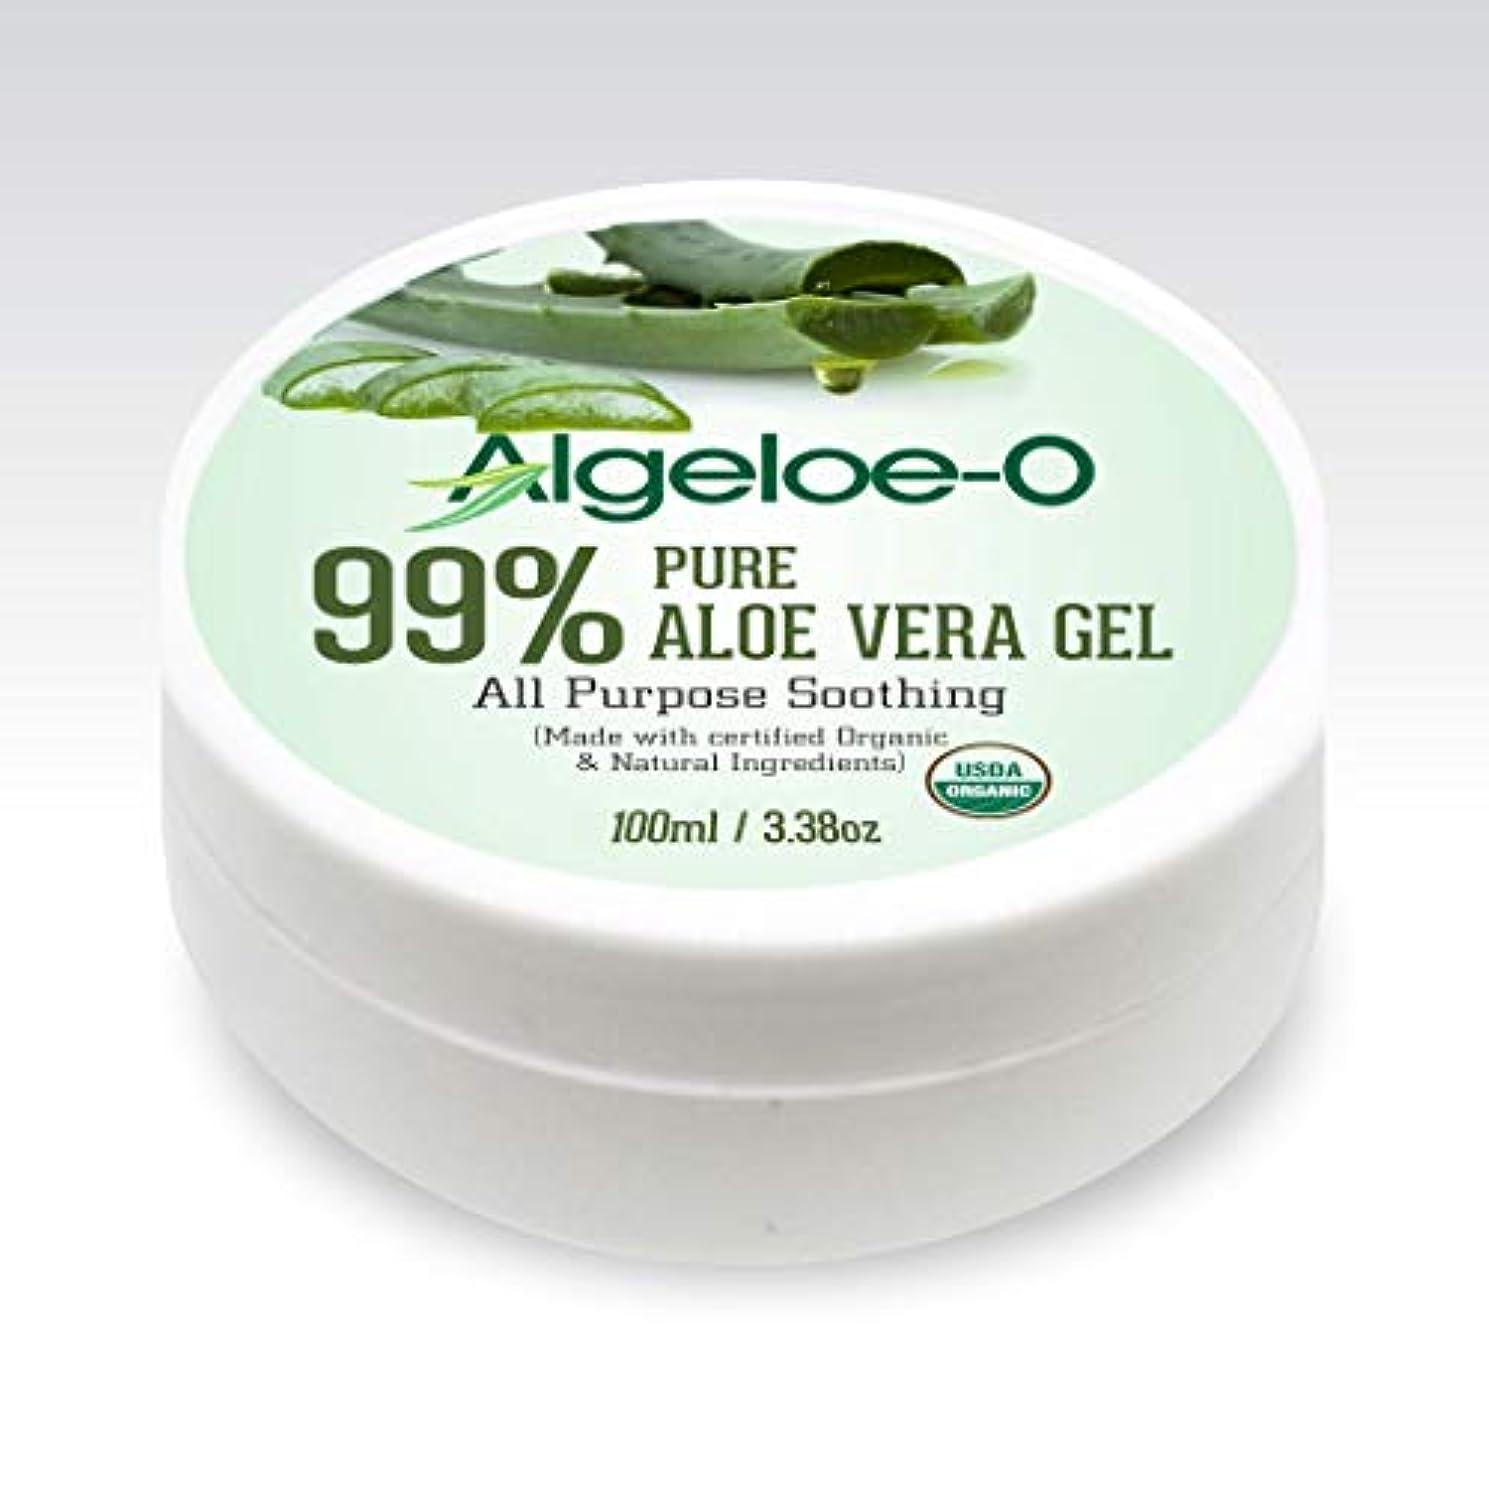 コショウ情熱的スプリットAlgeloe-O  Organic Aloe Vera Gel 99% Pure Natural made with USDA Certified Aloe Vera Powder Paraben, sulfate free with no added color 100ml/3.38oz.